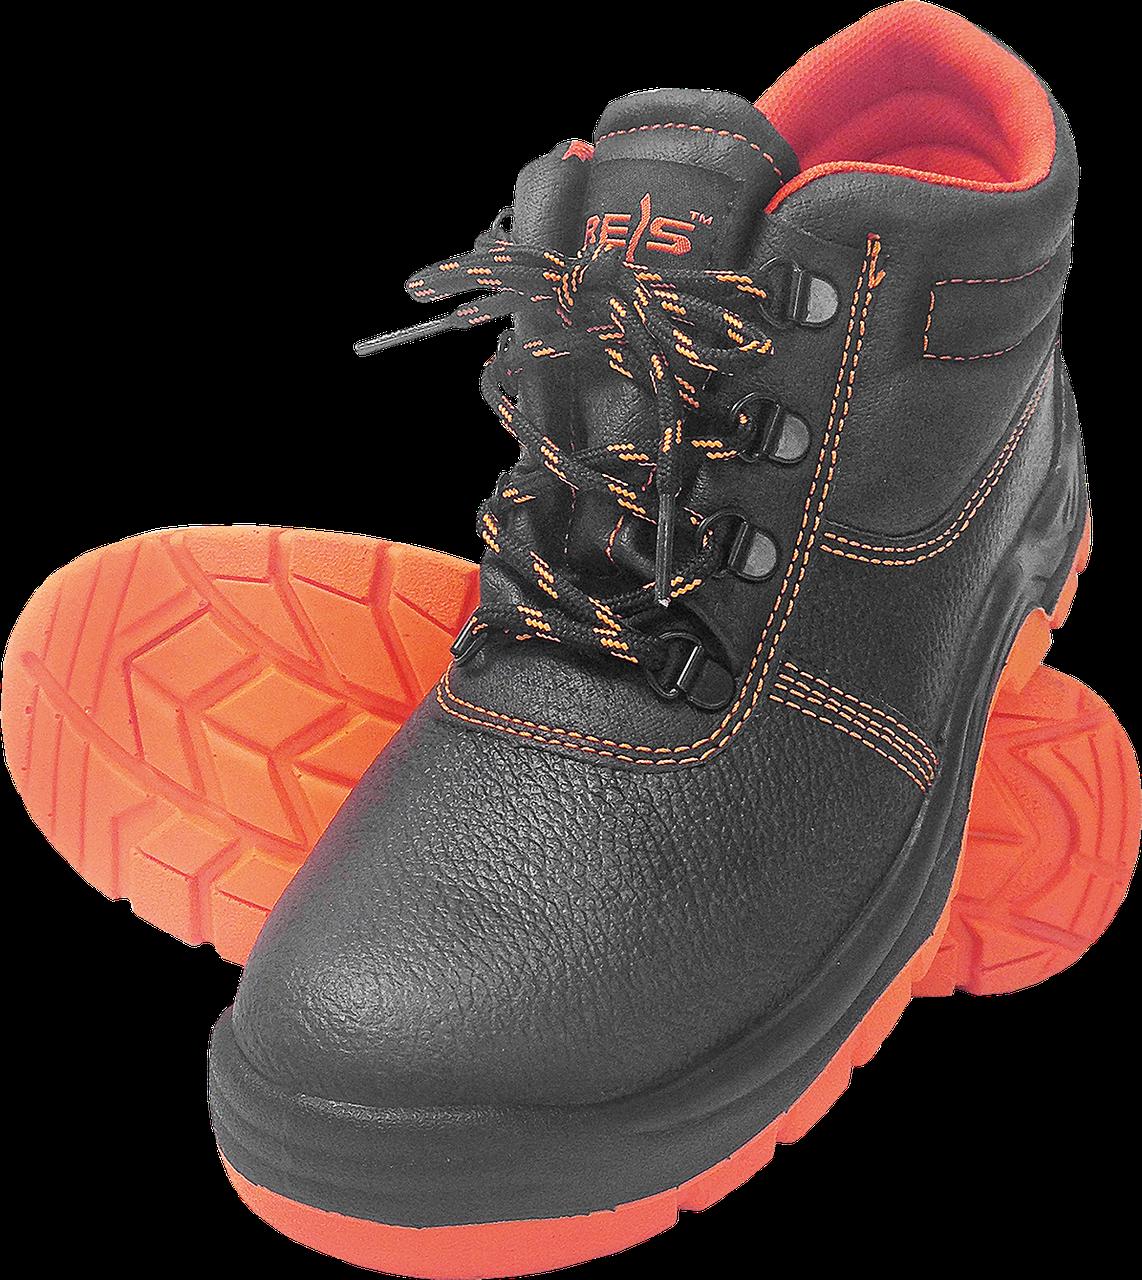 Рабочие ботинки BRYESK-T-SB BP c металлическим подноском REIS (RAW POL) Польша (спецобувь)